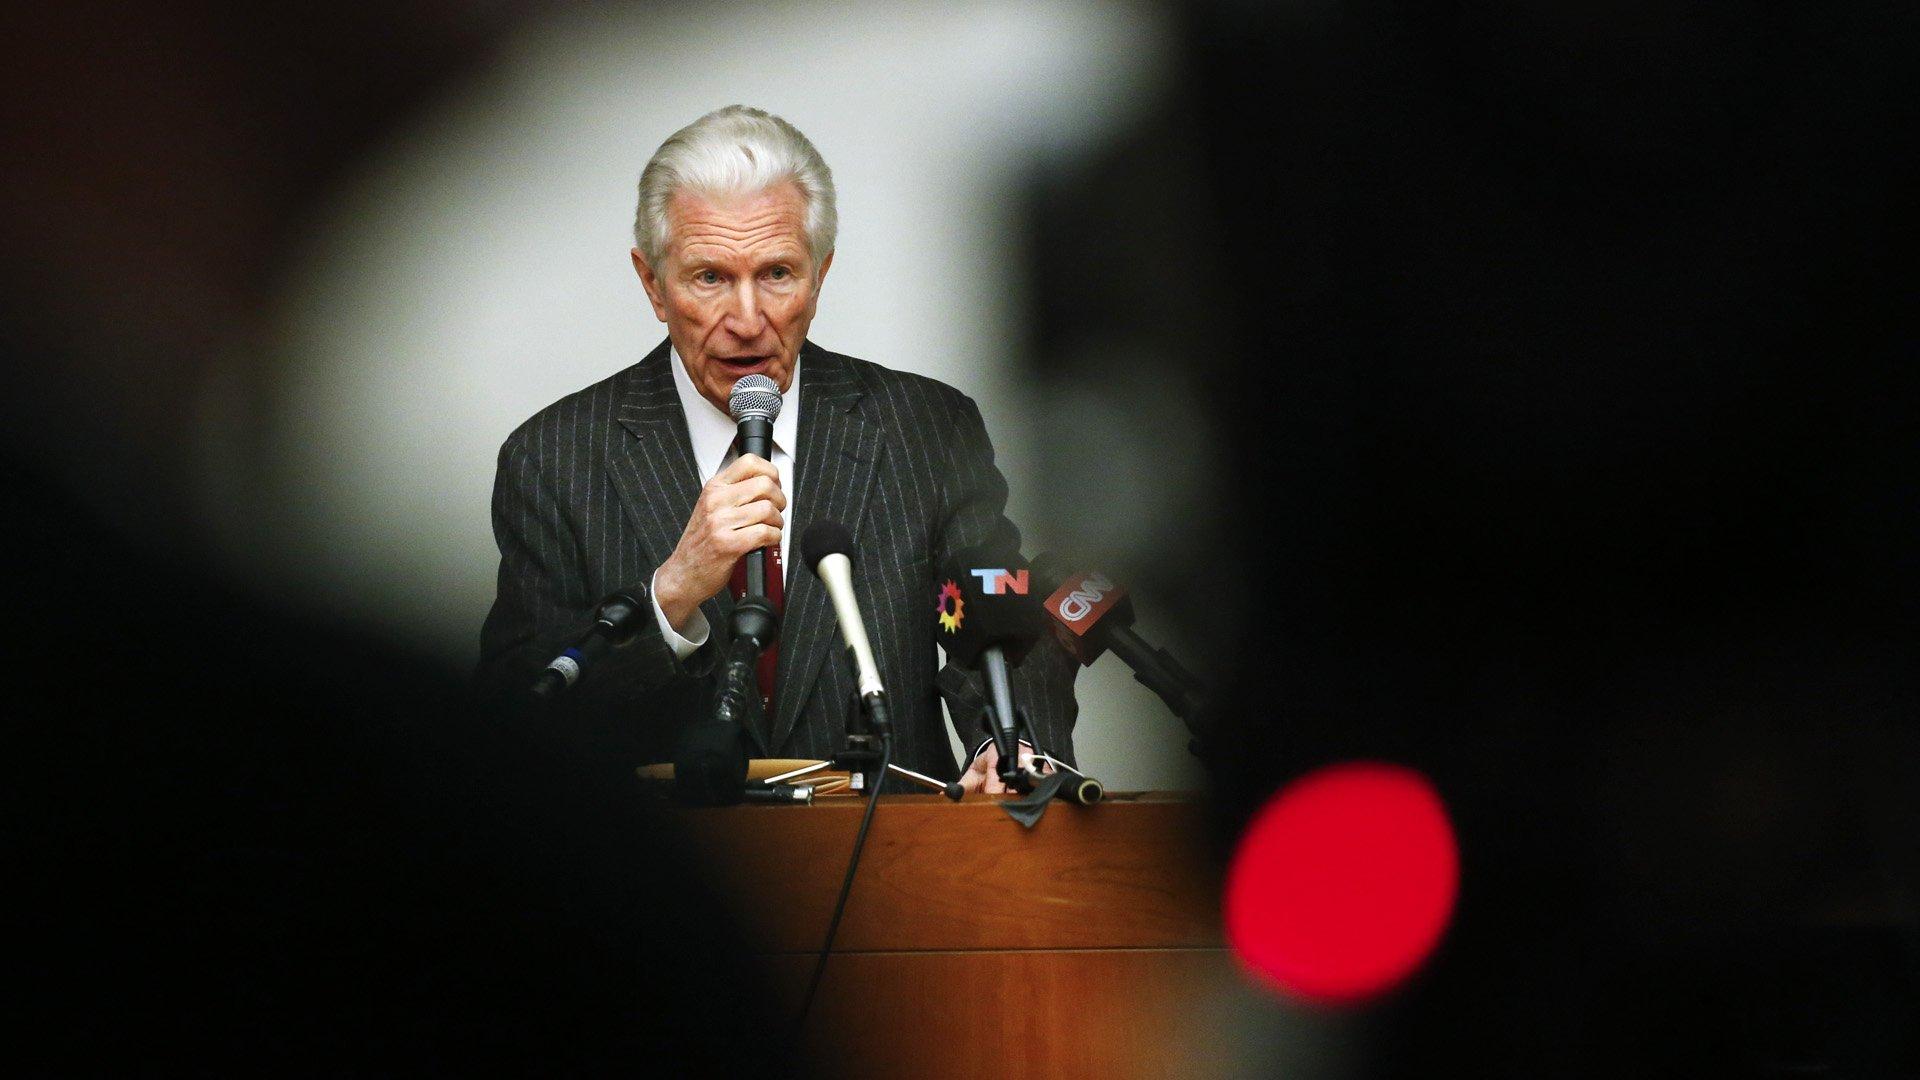 Luego de idas y vueltas, el mediador Daniel Pollack fue el encargado de confirmar un acuerdo entre el gobierno argentino y los holdouts